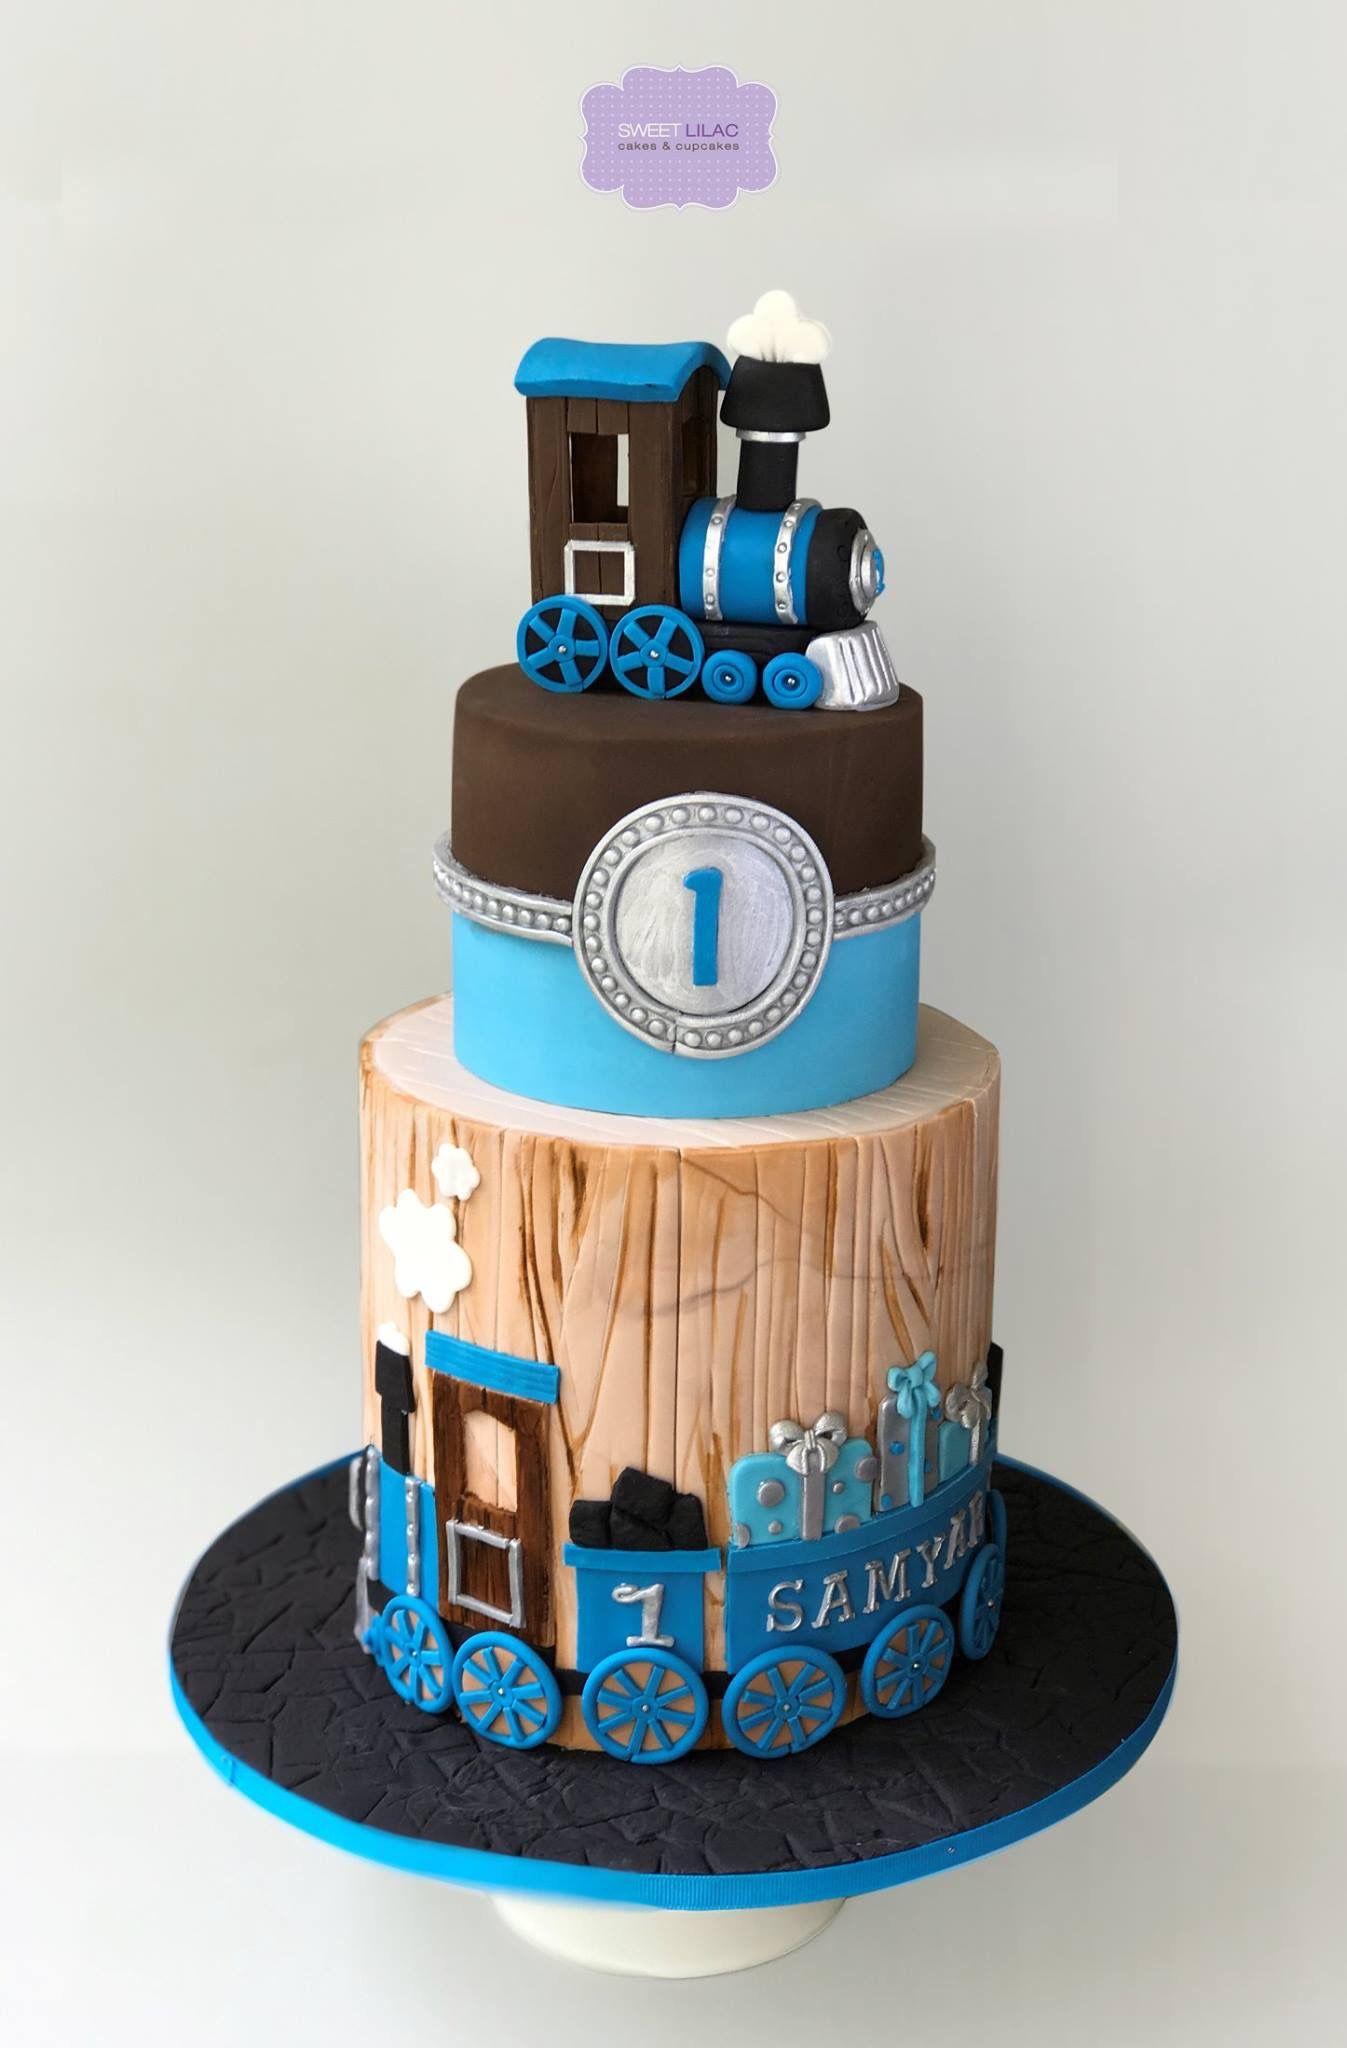 Pin by yael kaldor on Cakes I love Pinterest Cake Fondant cakes